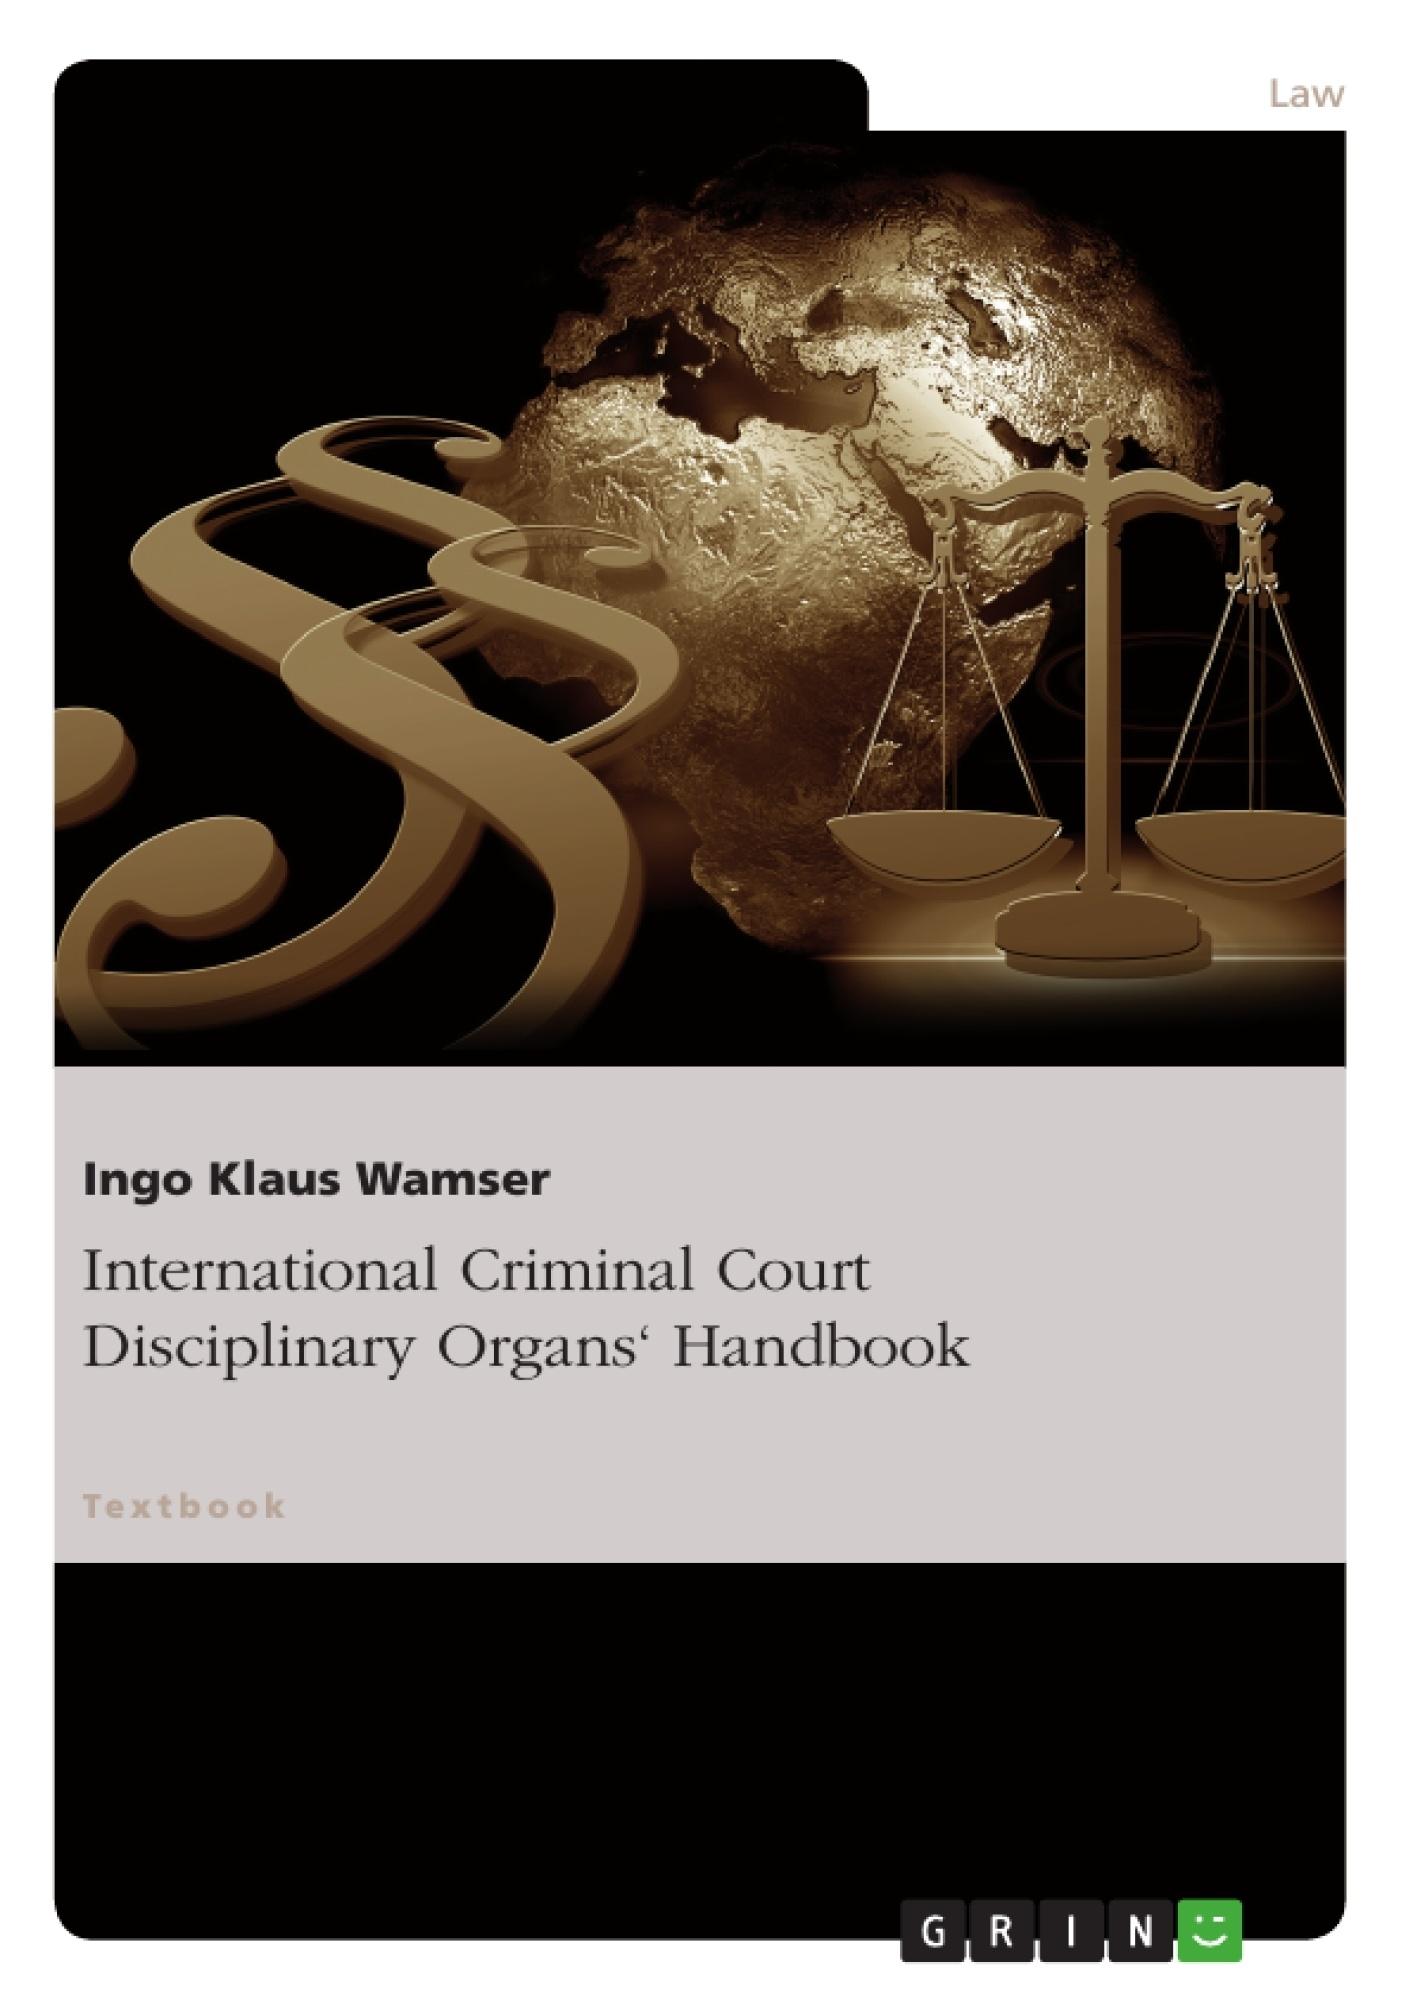 Title: International Criminal Court Disciplinary Organs' Handbook